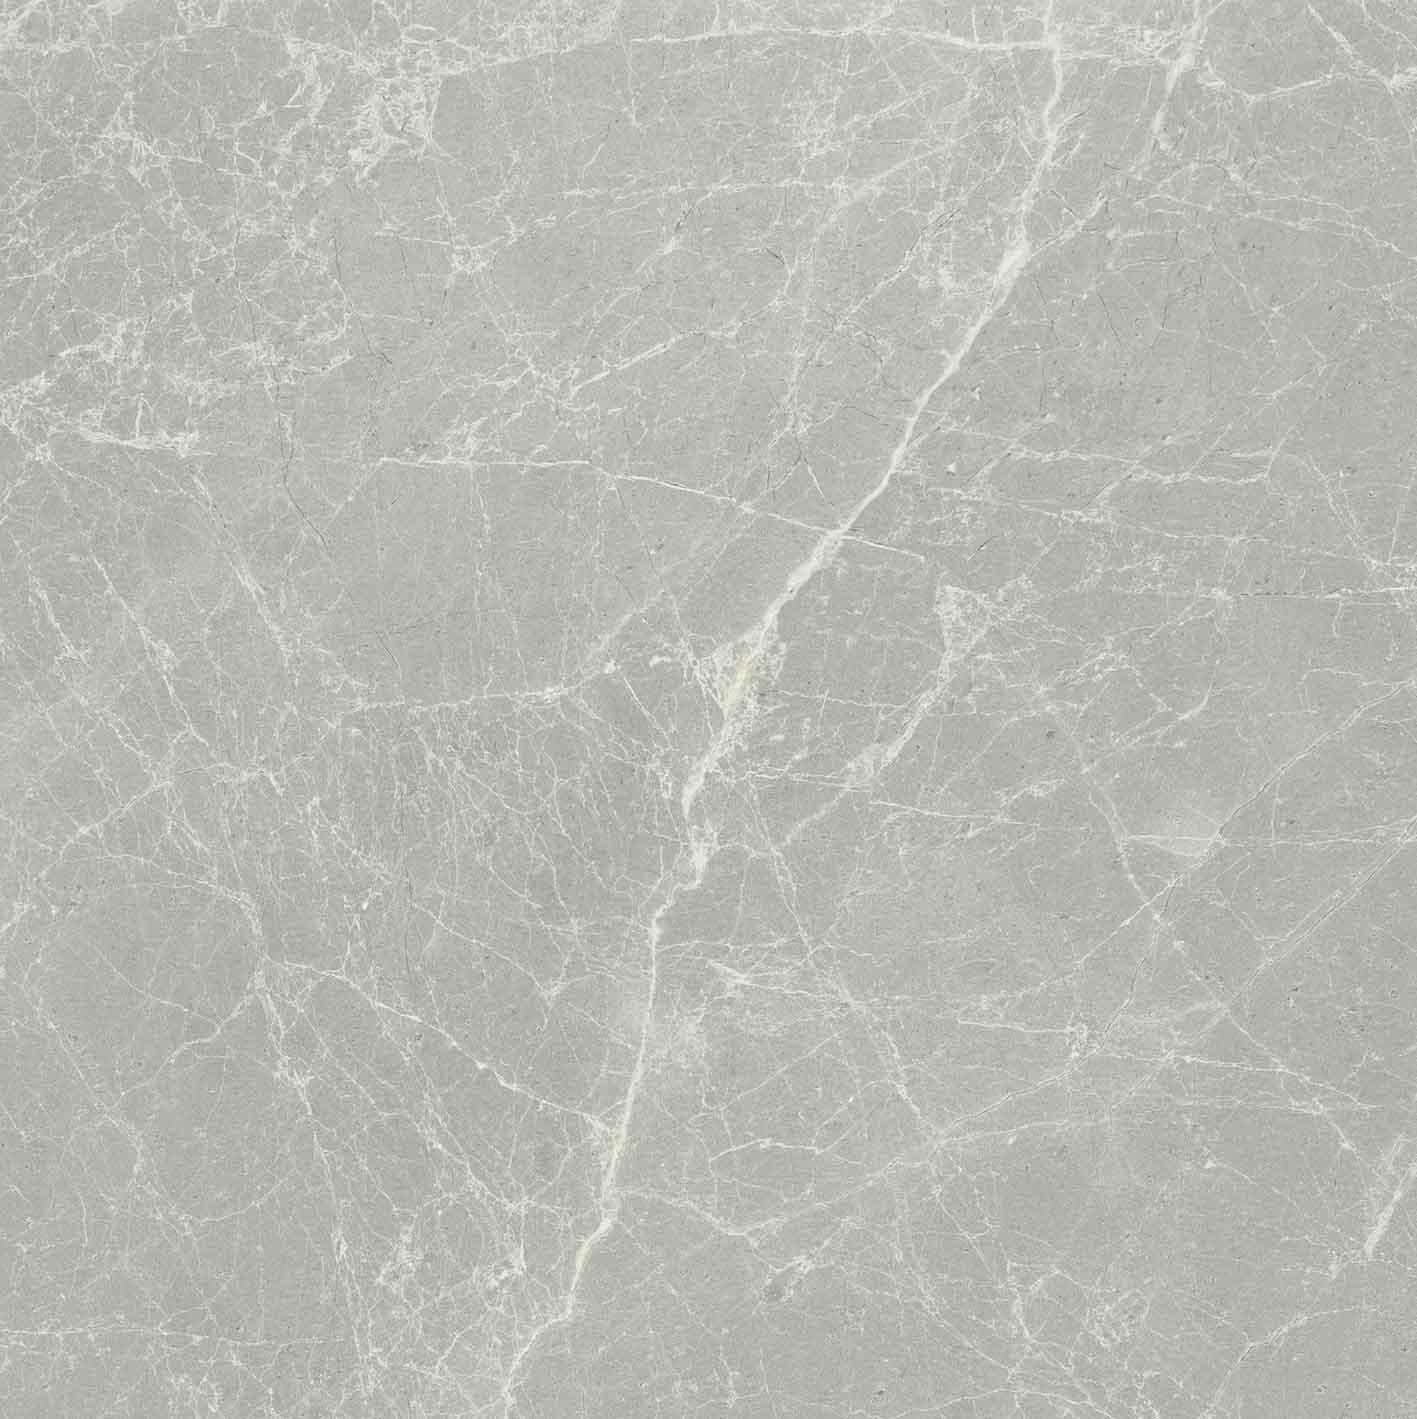 Exalt of Cerim Silver Light Matte 10mm 60 x 60